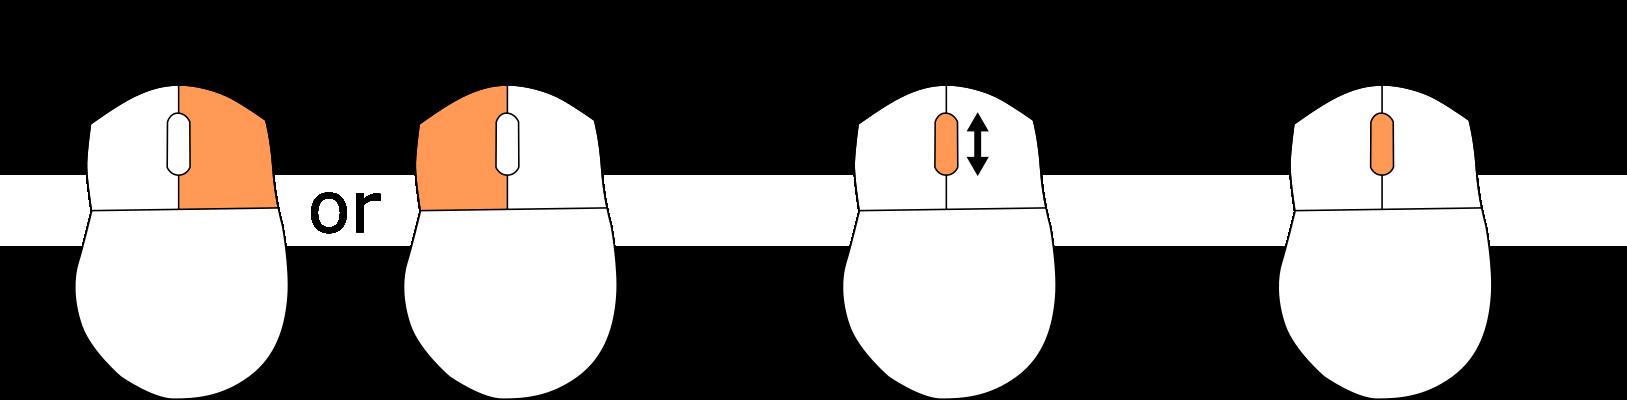 standard_cam_controls.png